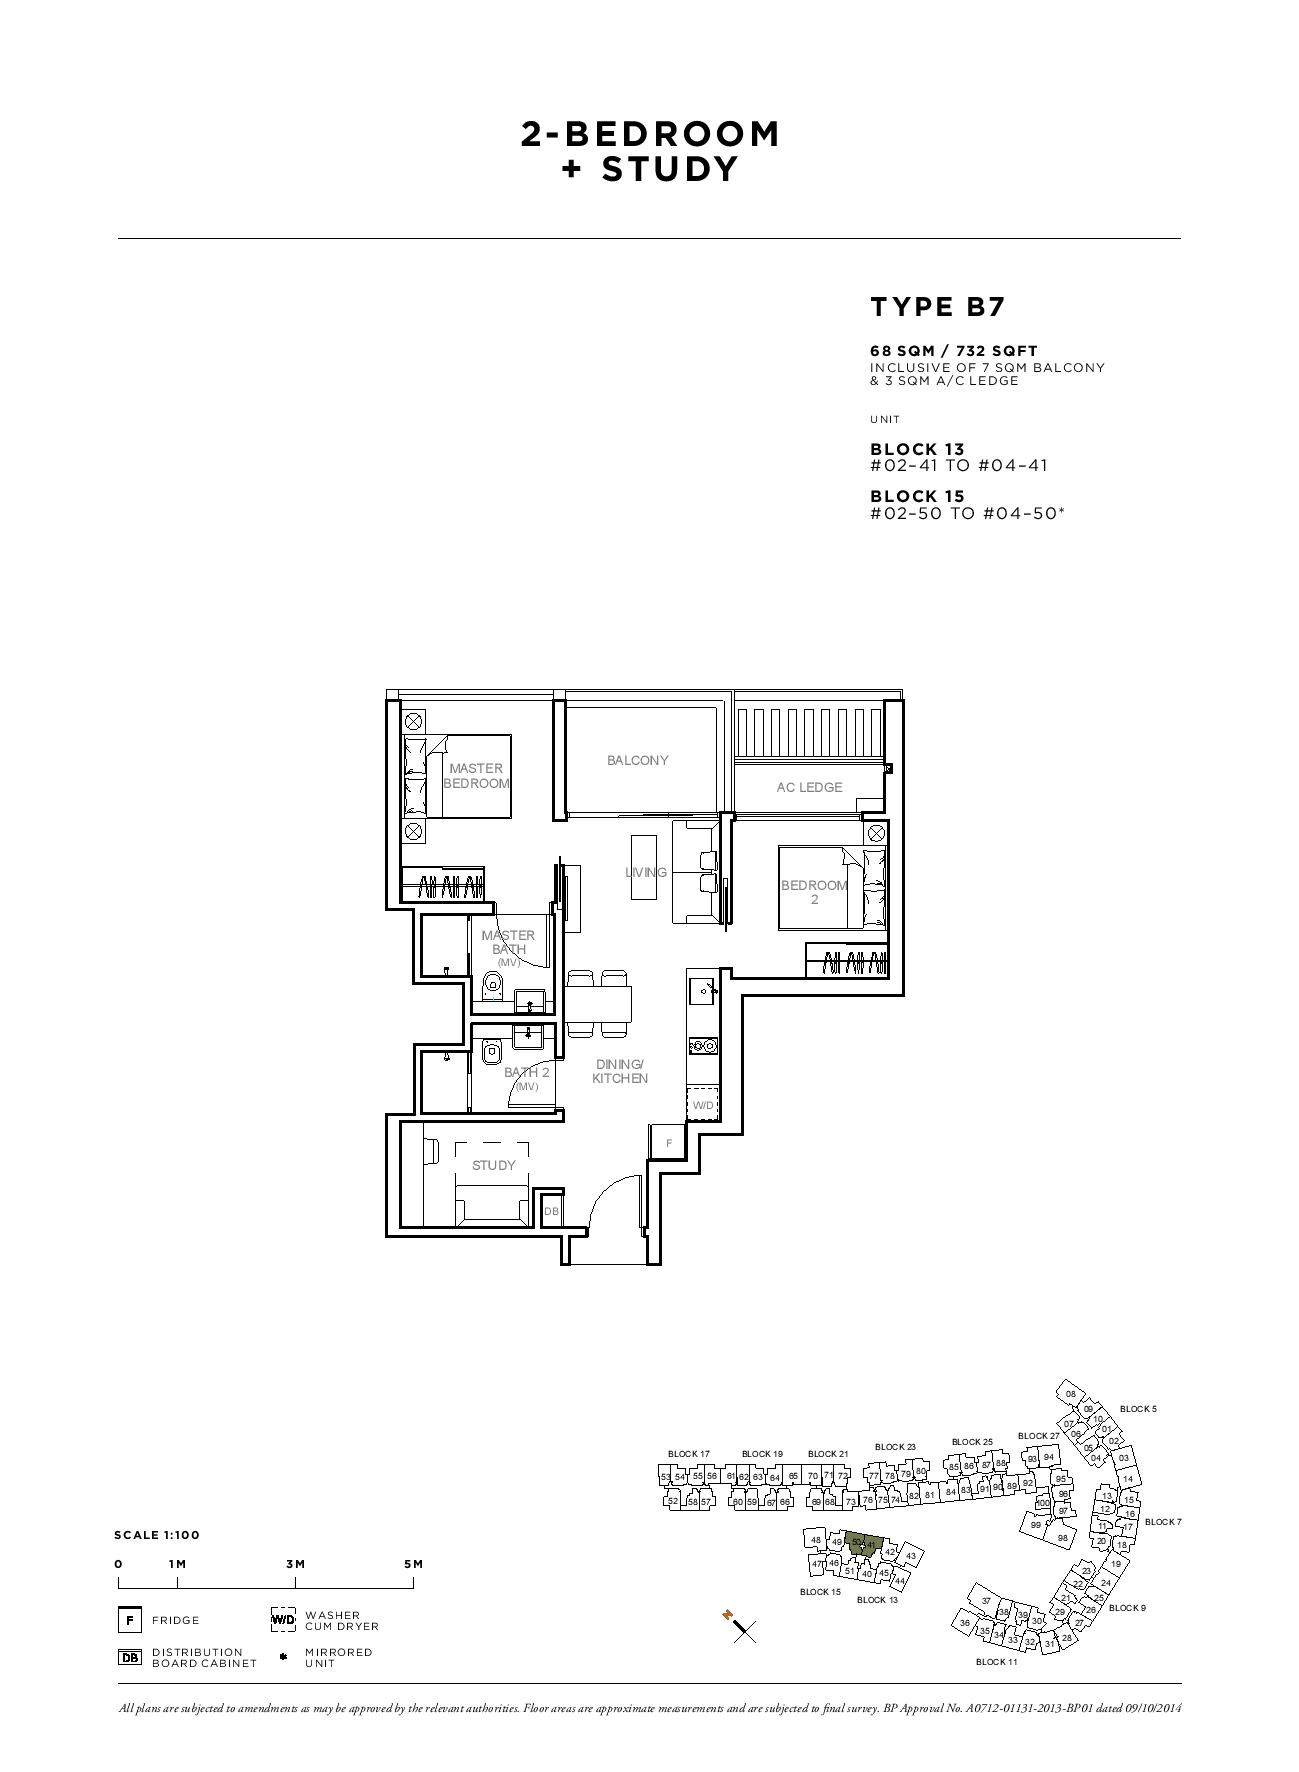 Sophia Hills 2 Bedroom + Study Type B7 Floor Plans